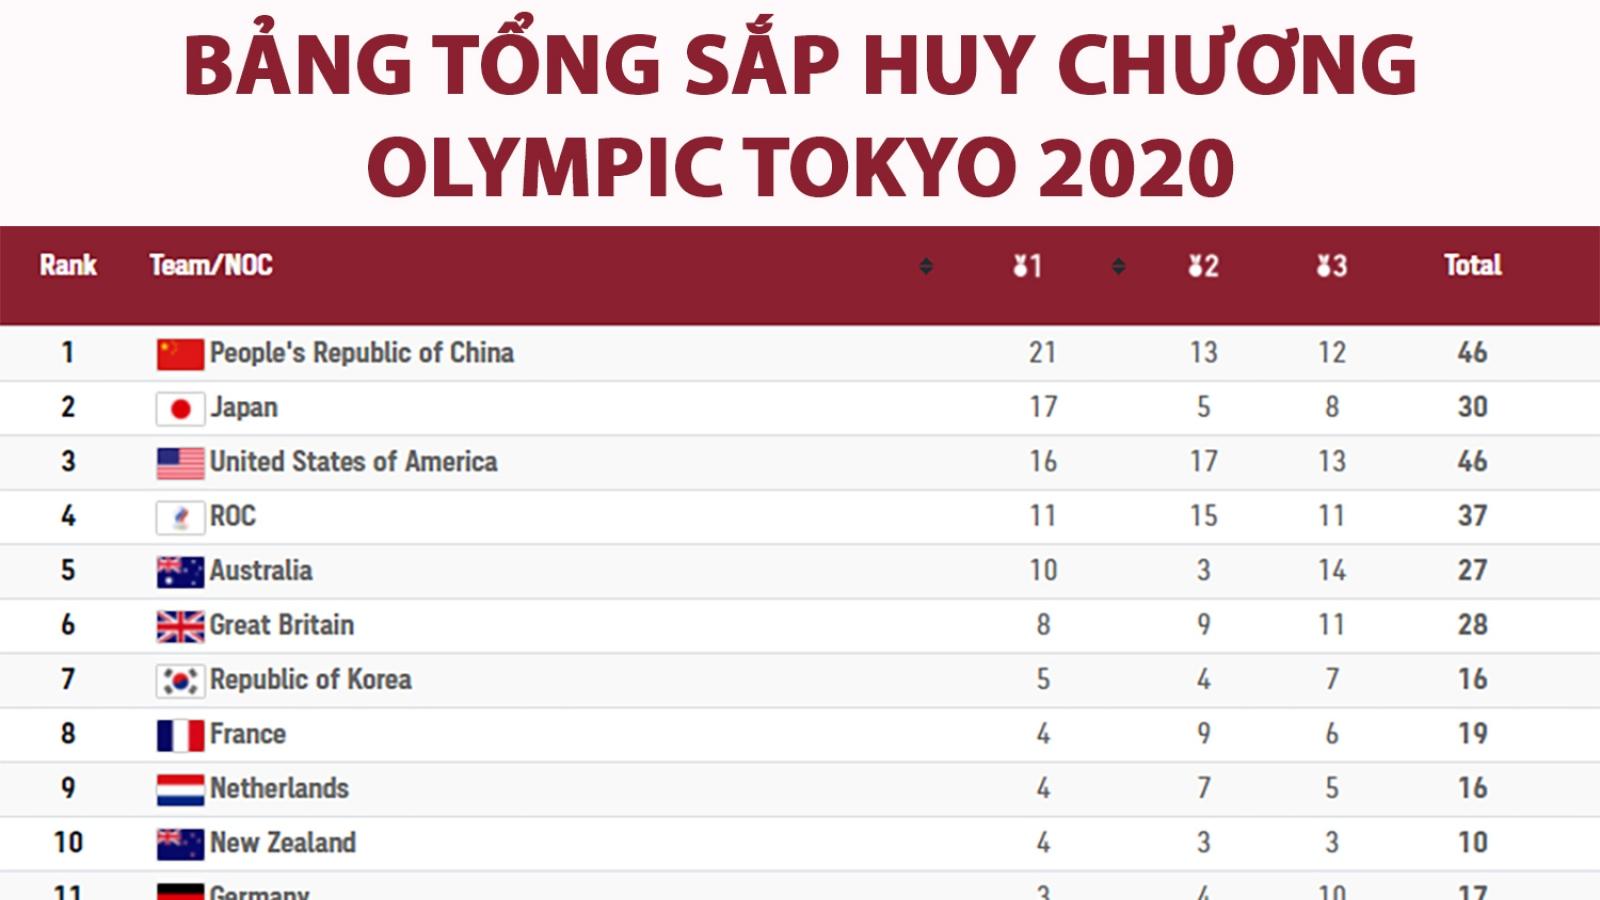 Bảng tổng sắp huy chương Olympic 2020: Trung Quốc hơn Mỹ 5 HCV, Malaysia có huy chương